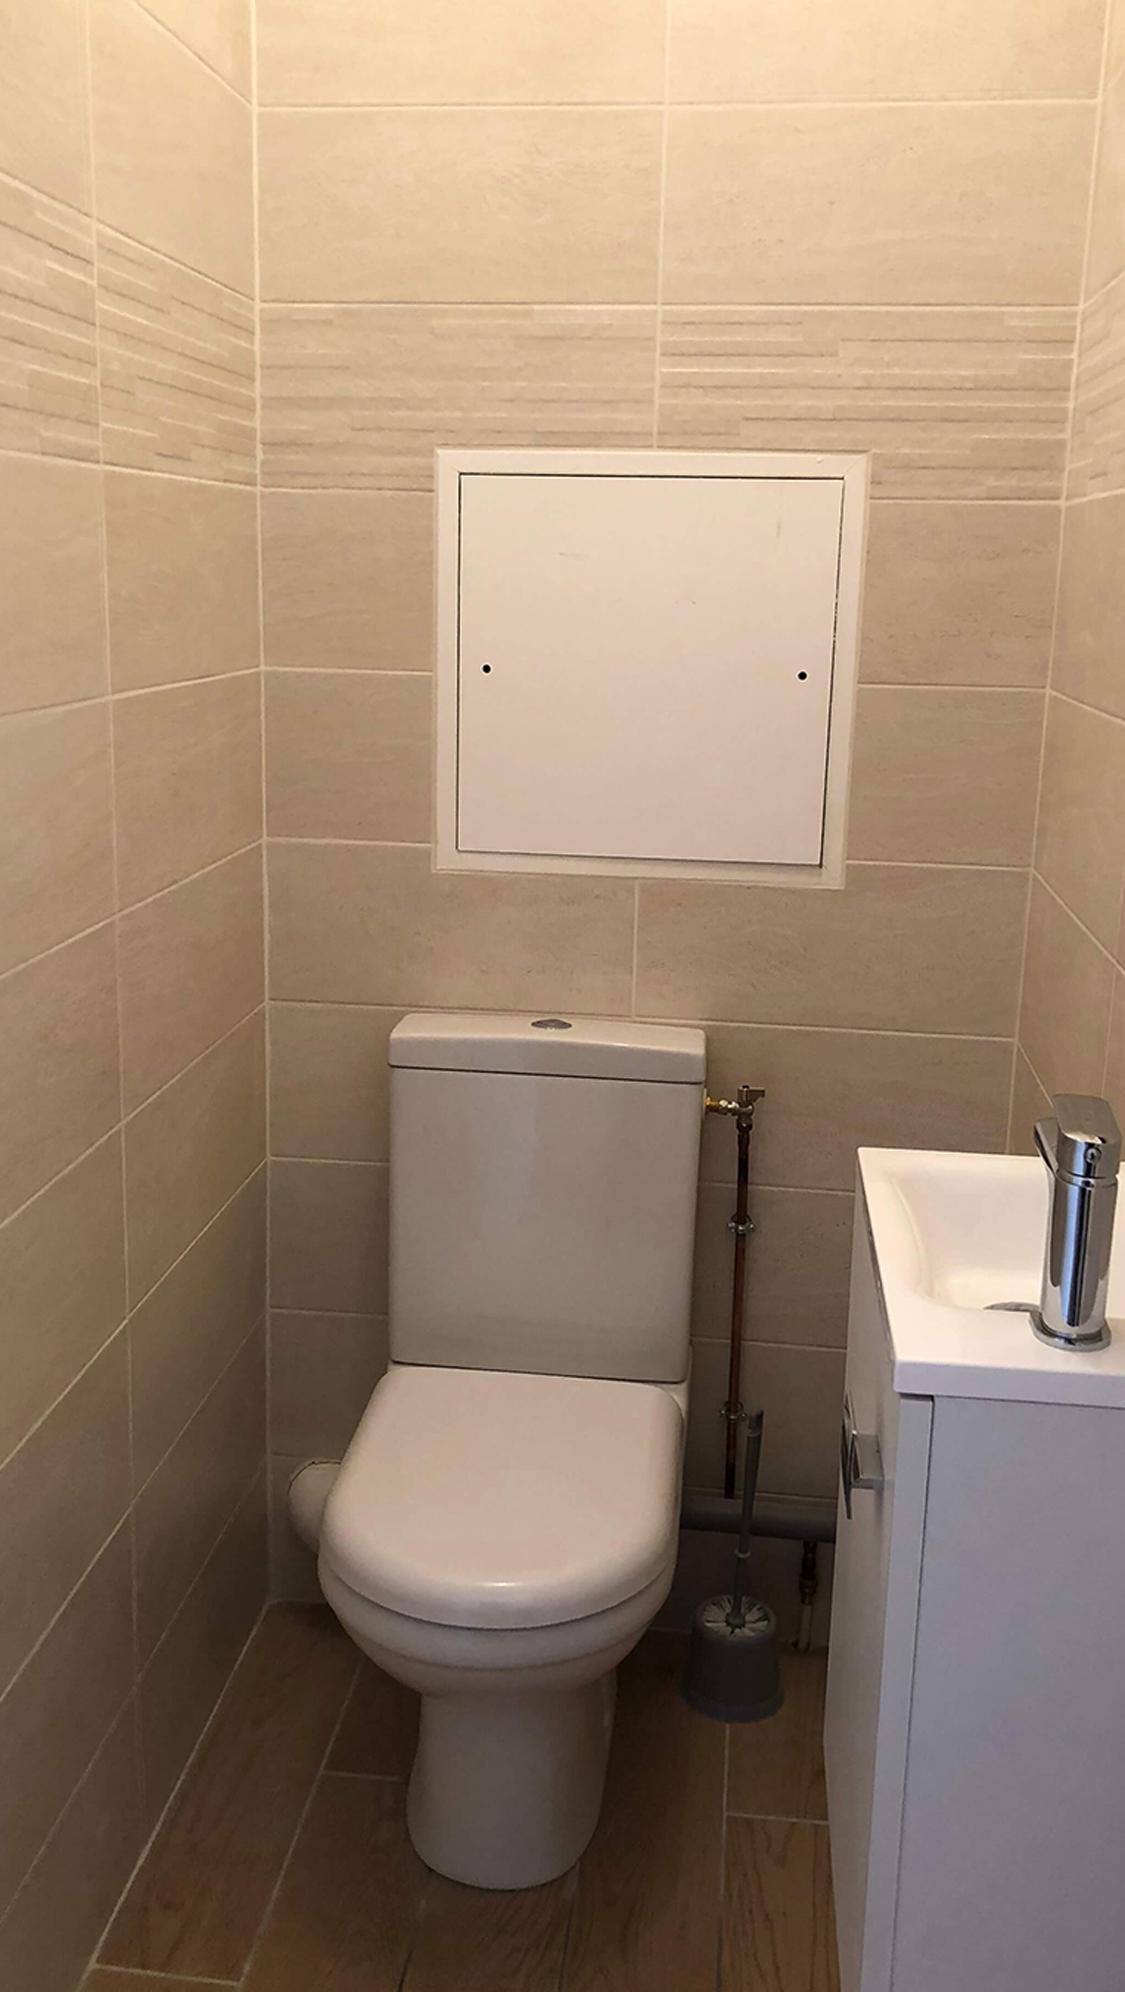 Entreprise rénovation salle de bain yvelines: Spécialiste en